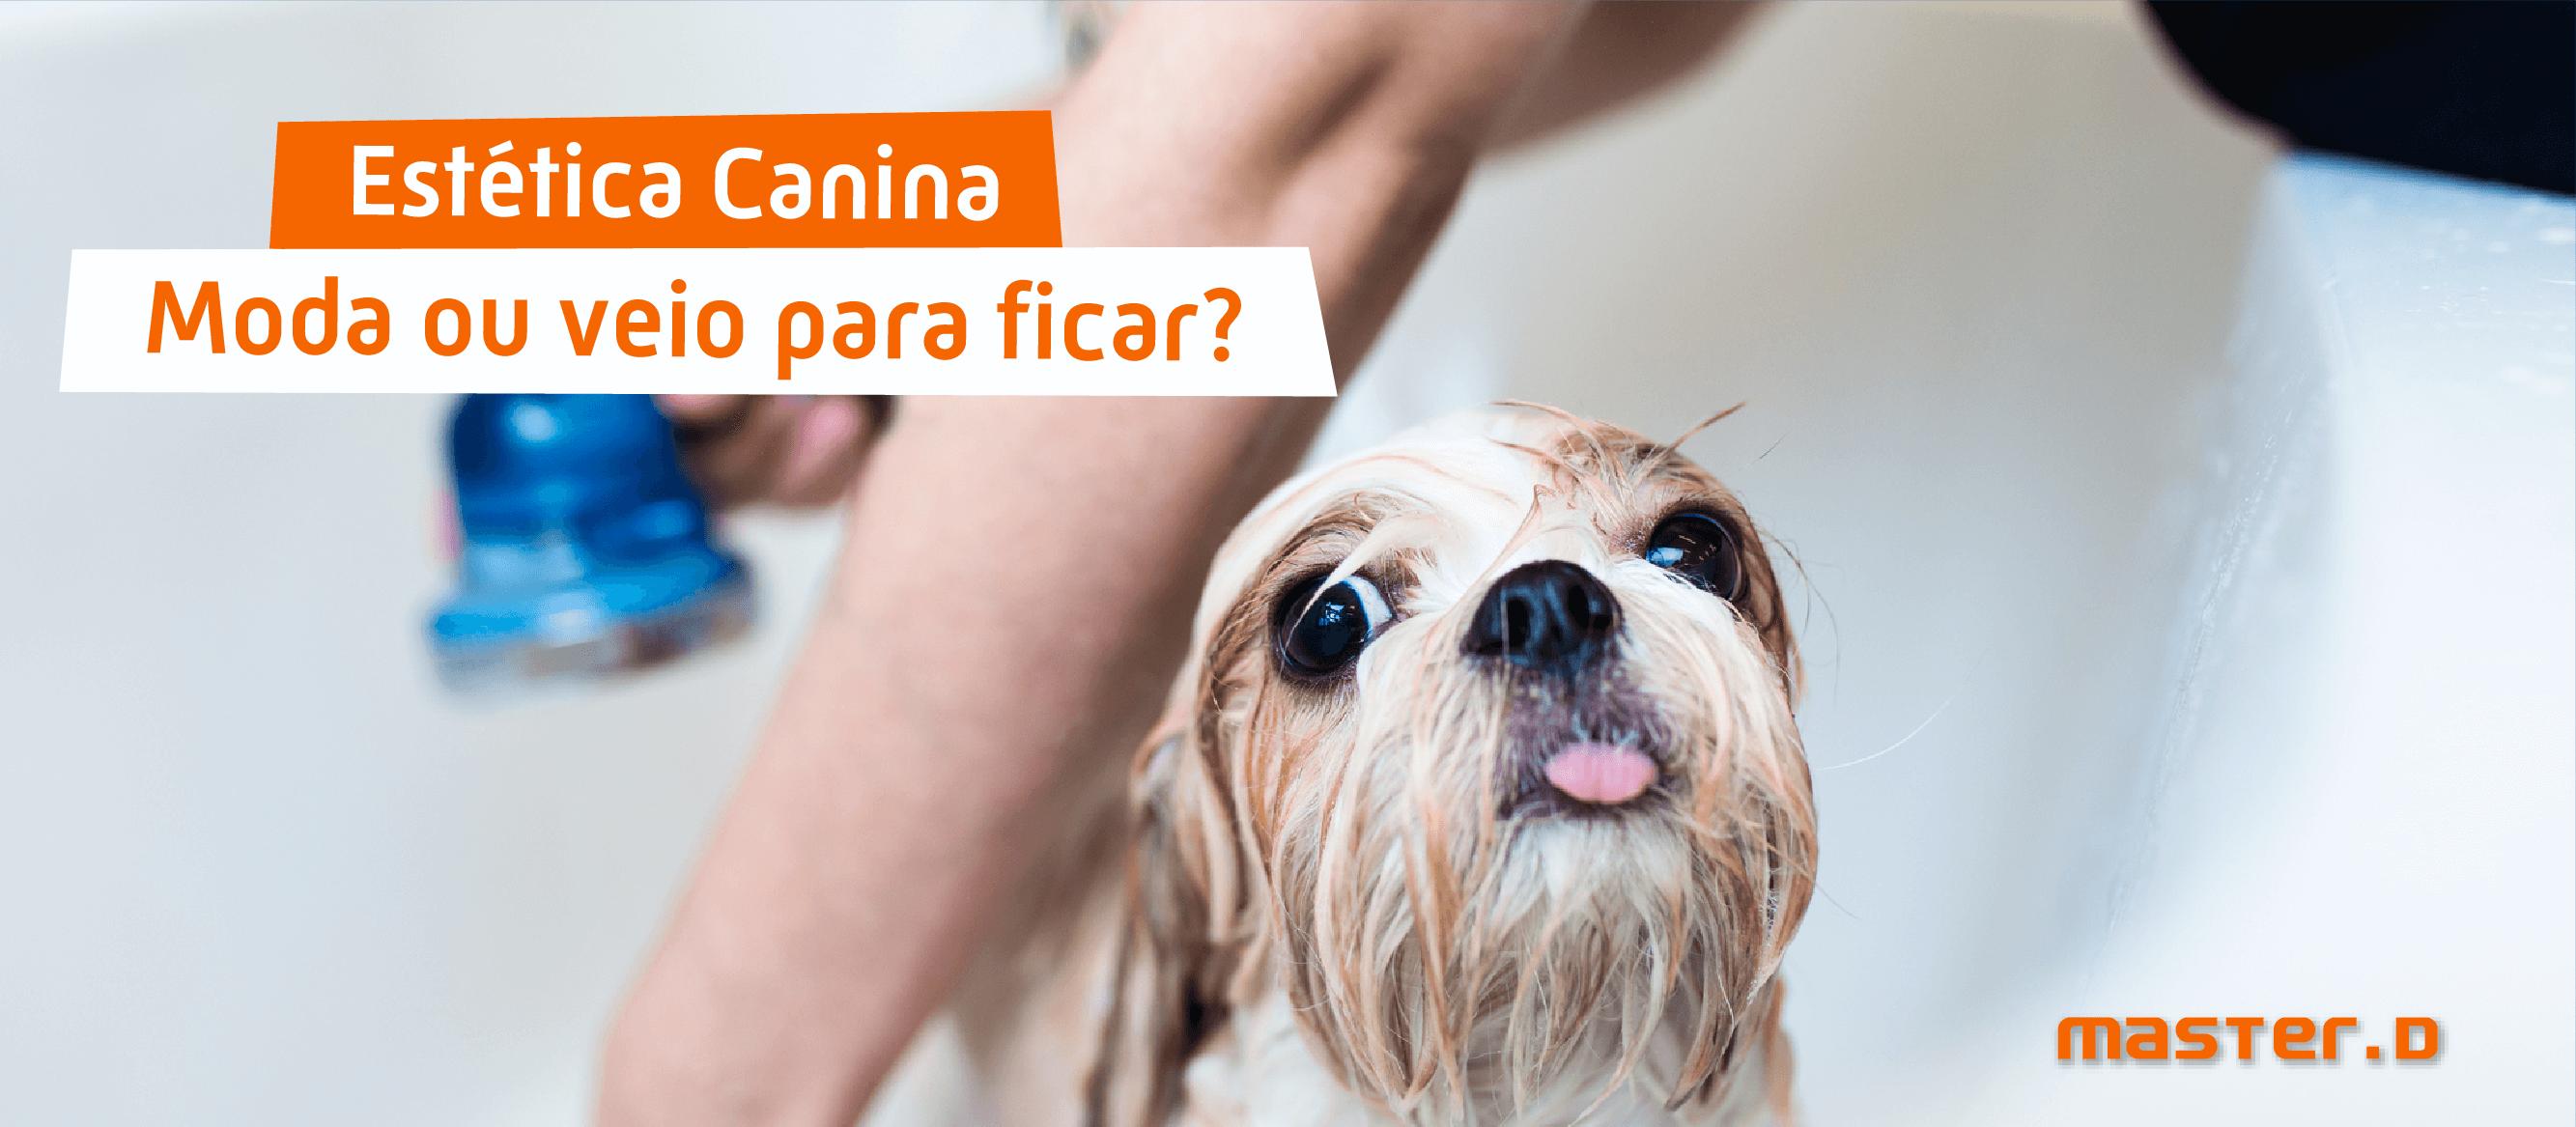 Formaçao Estetica Canina